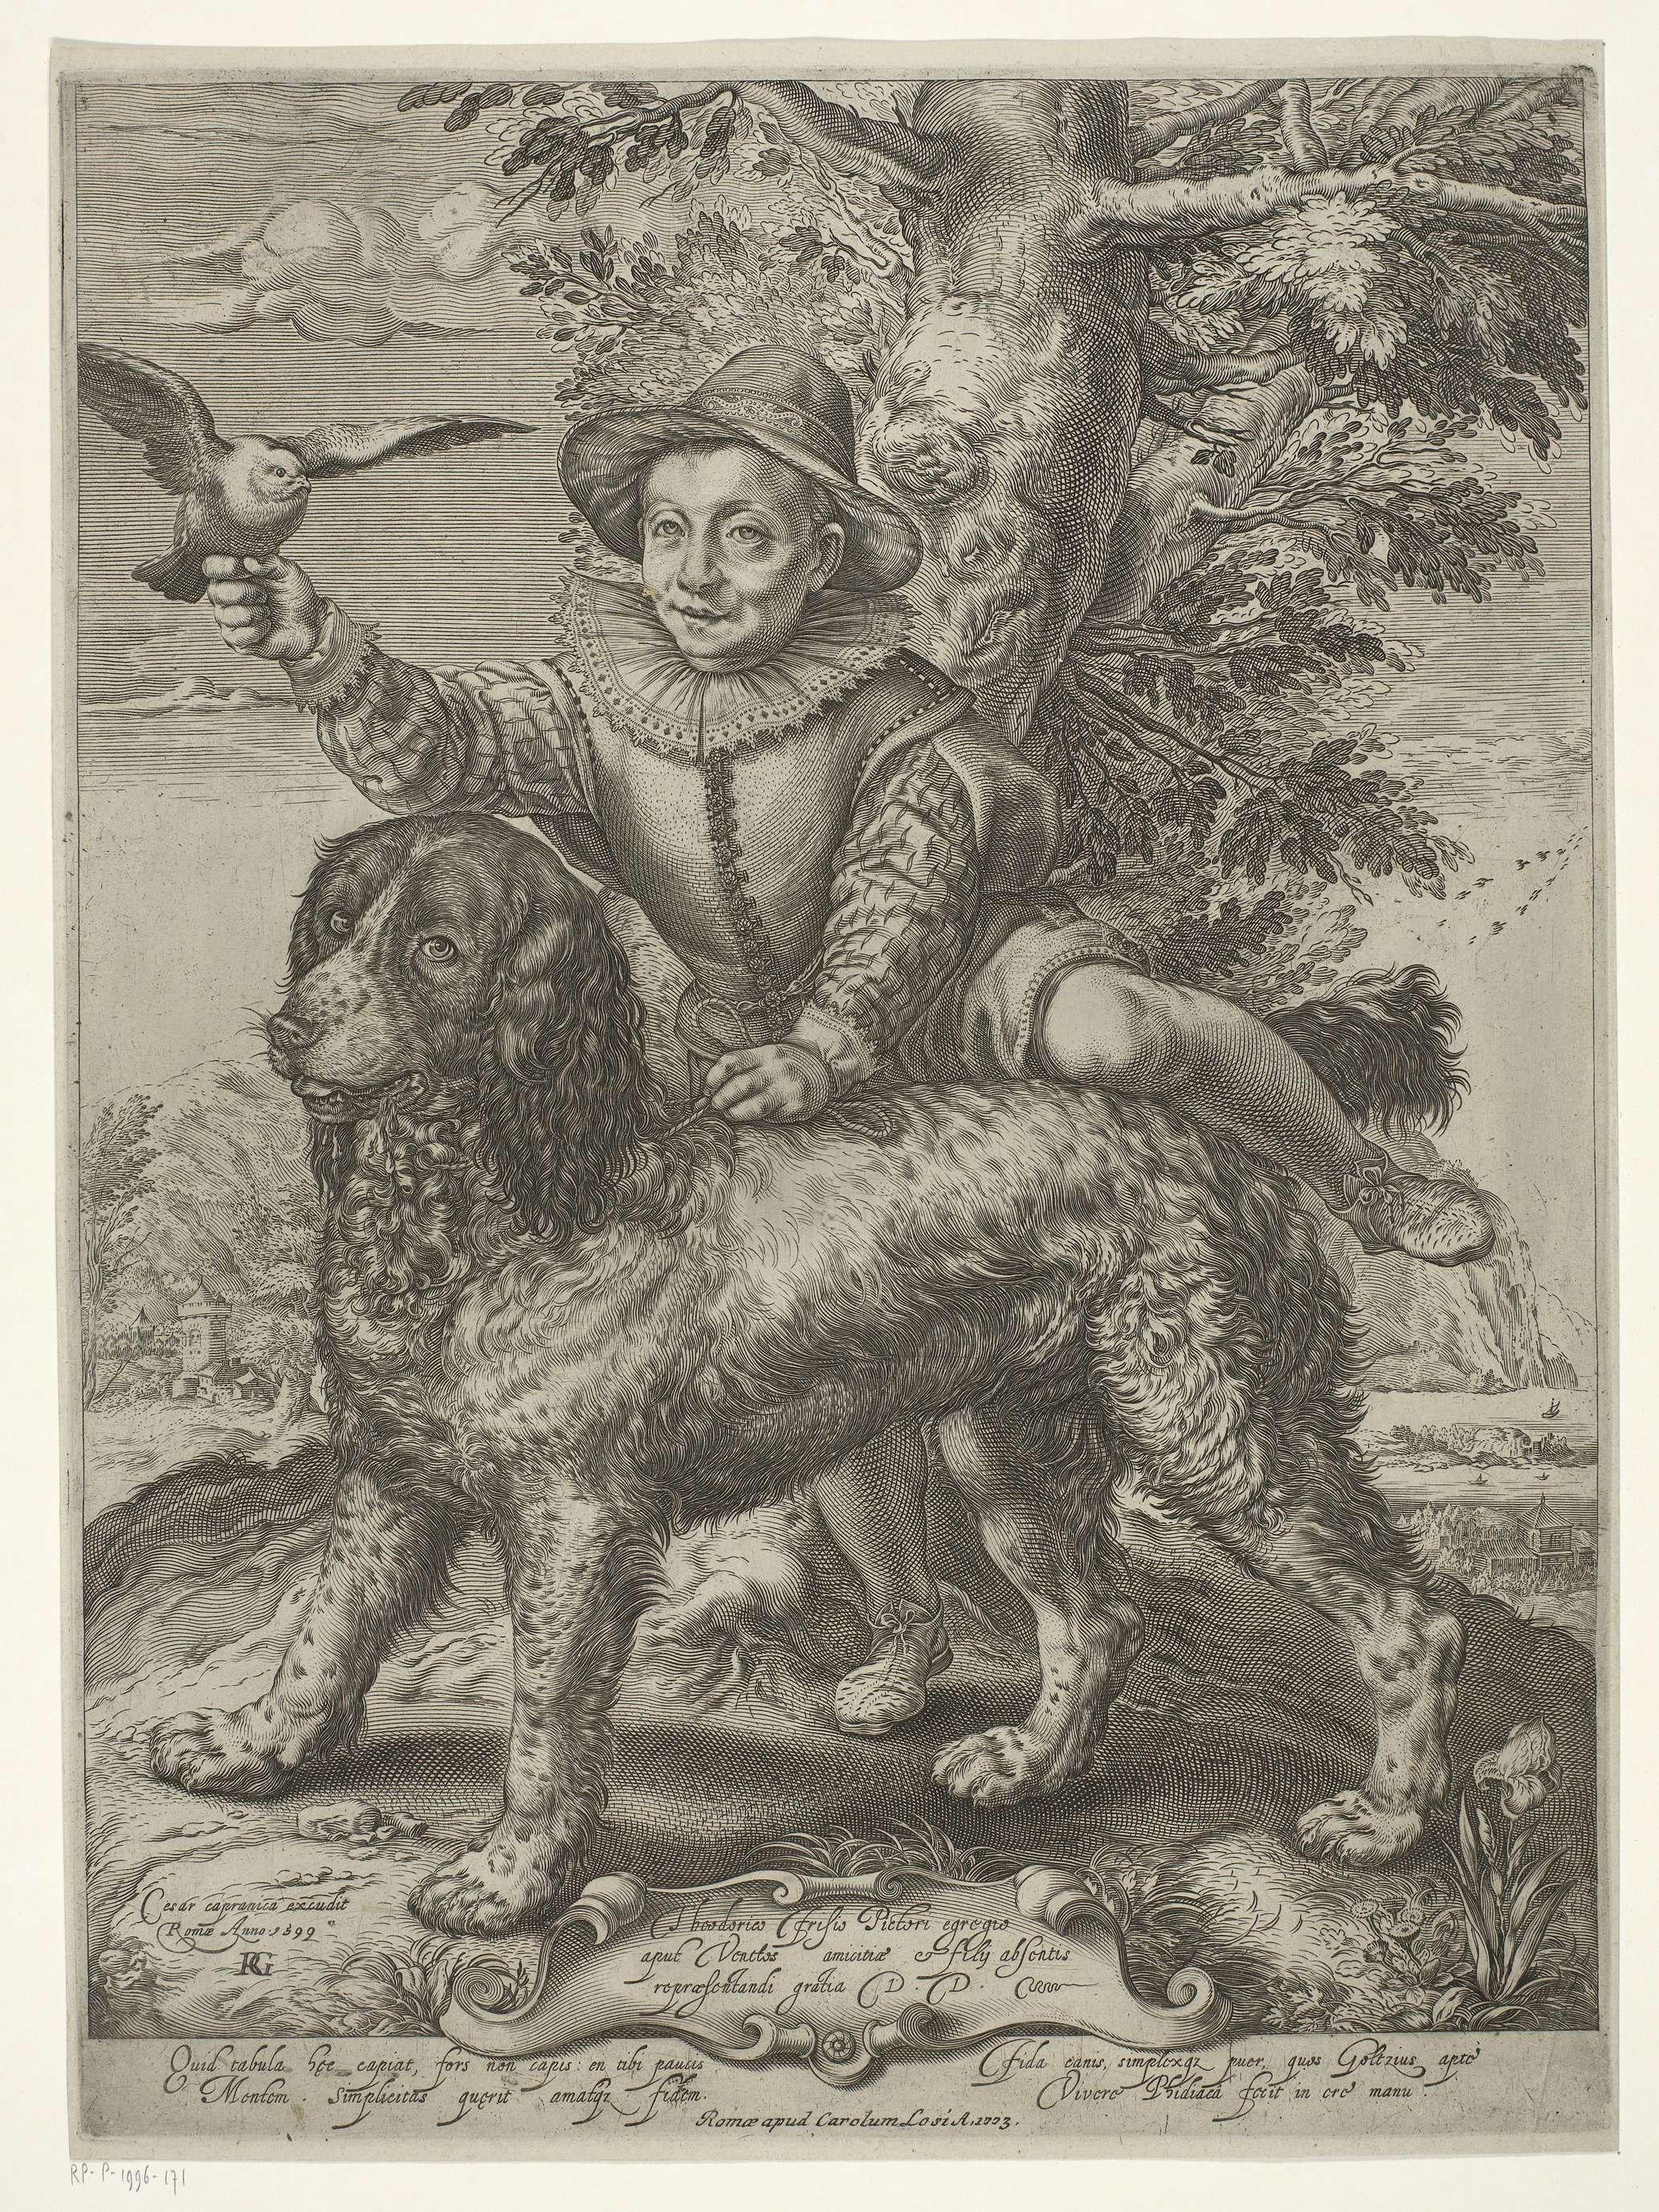 Raffaello Guidi | Portret van Frederik de Vries, Raffaello Guidi, Carole Losi, Cesar Capranica, 1723 | Frederik de Vries (gest. 1613) was door zijn vader, de schilder Dirck de Vries, aan de zorg van Goltzius toevertrouwd. Goltzius maakte een portret van de jongen samen met een hond, en stuurde dit naar Frederiks vader, die in Venetië verbleef. De jachthond, die vaak door Goltzius is getekend, was zijn eigen huisdier.